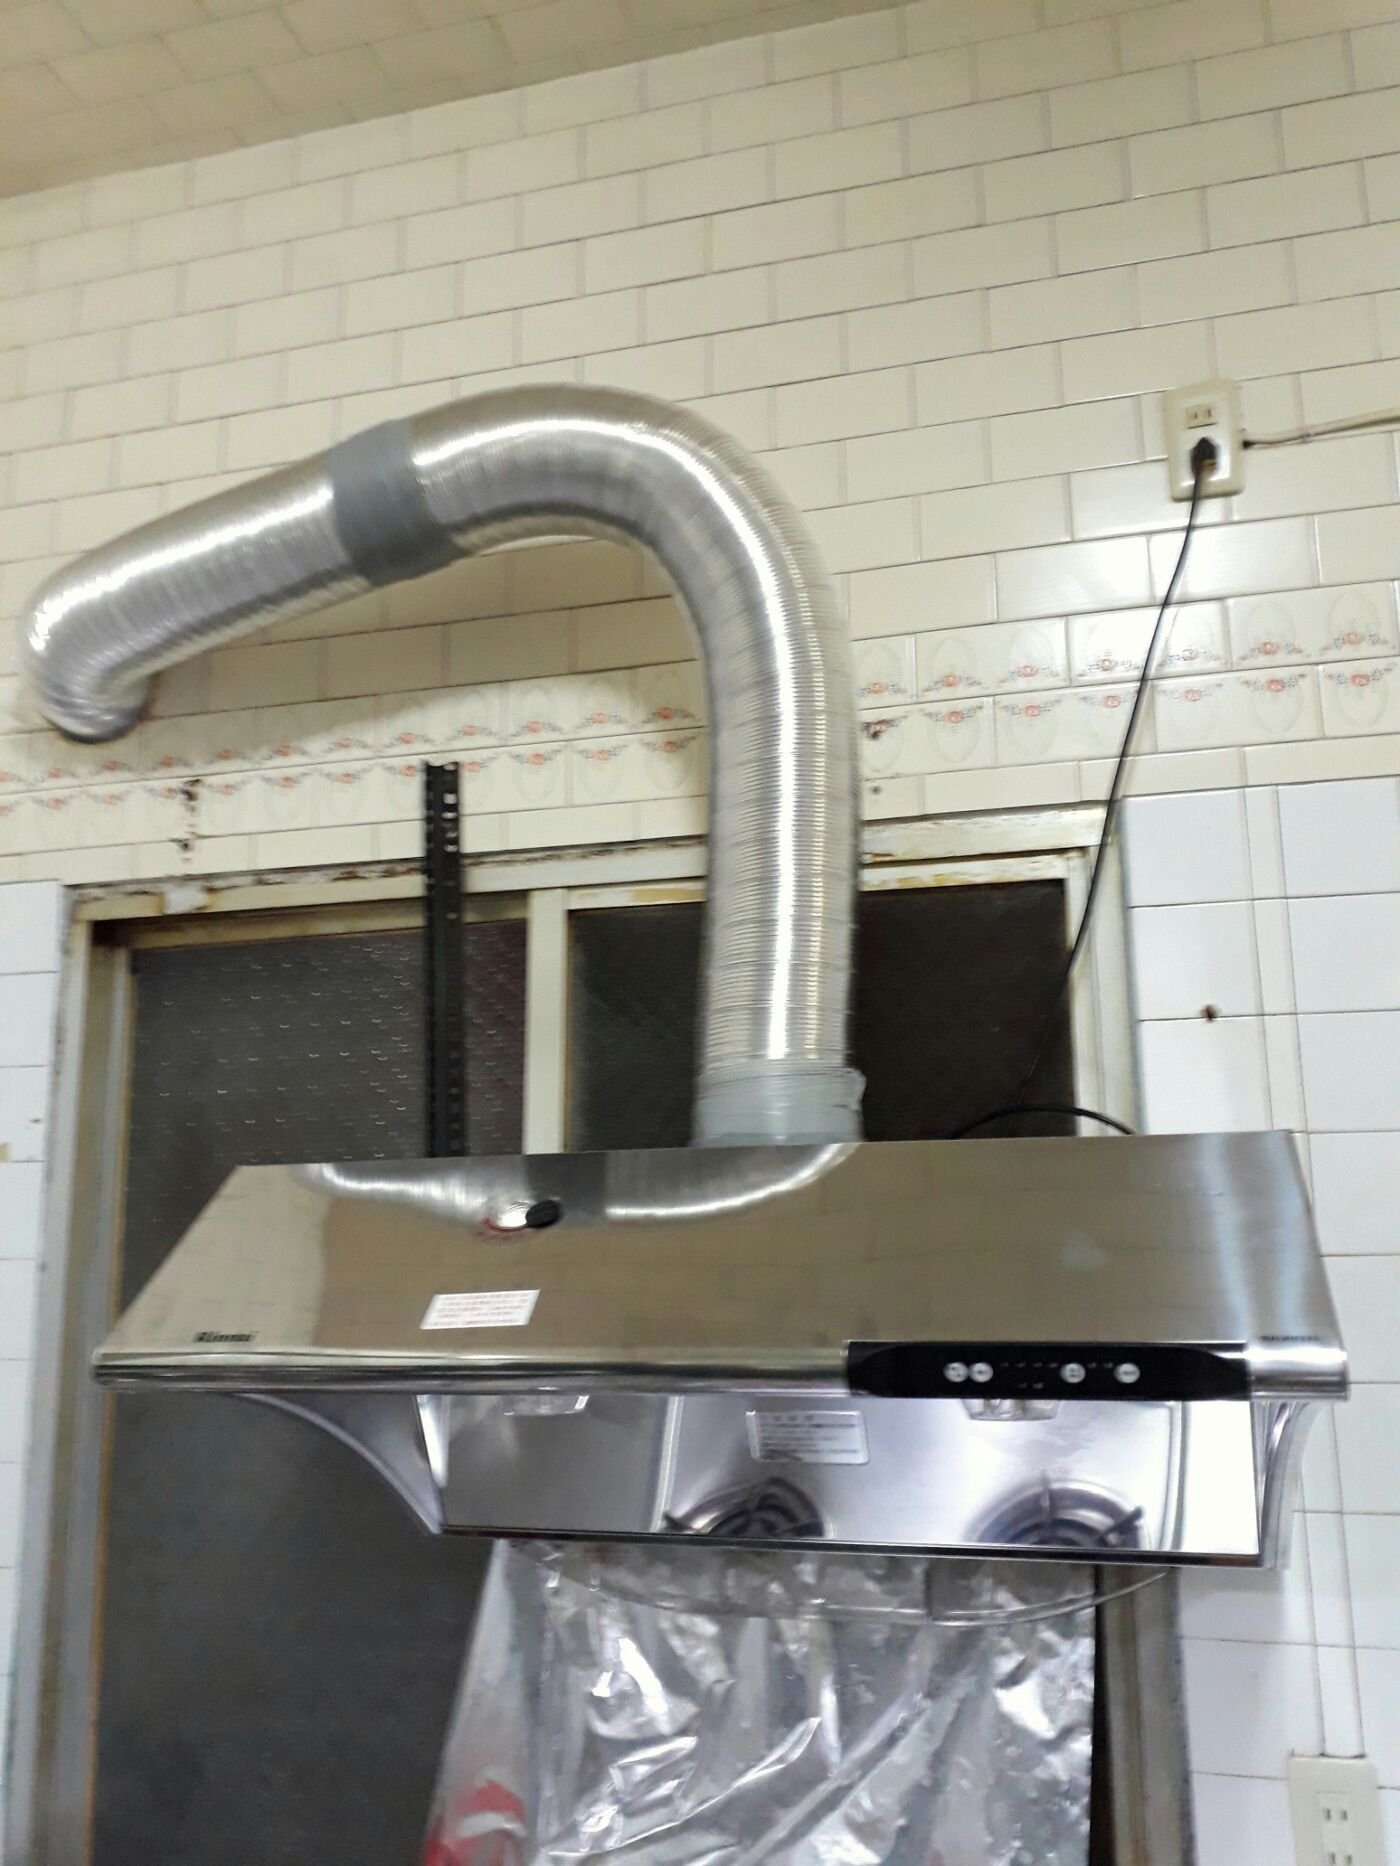 高雄台南《J工坊》林內RH-9033S深罩式排油煙機 水洗電熱除油